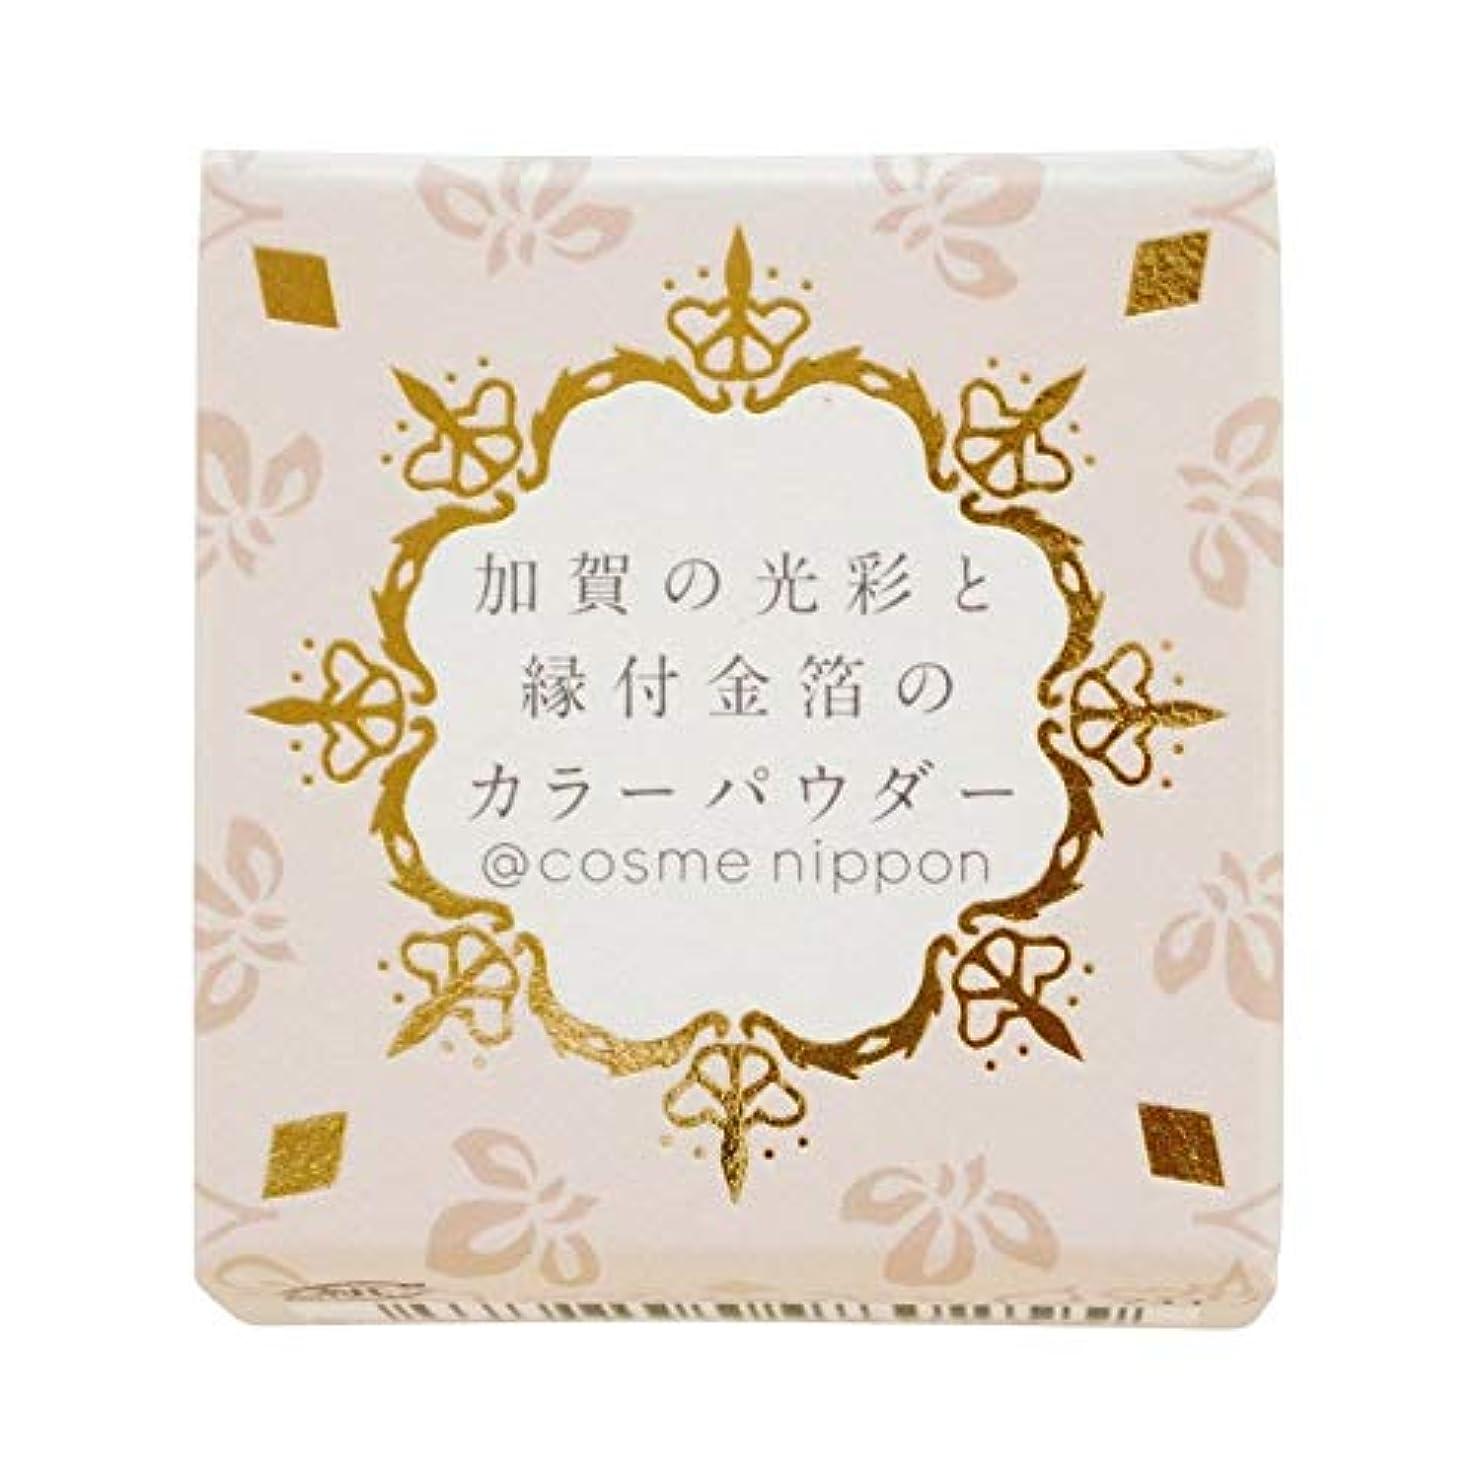 一元化するパースブラックボロウ流体友禅工芸 すずらん加賀の光彩と縁付け金箔のカラーパウダー01金色こんじき